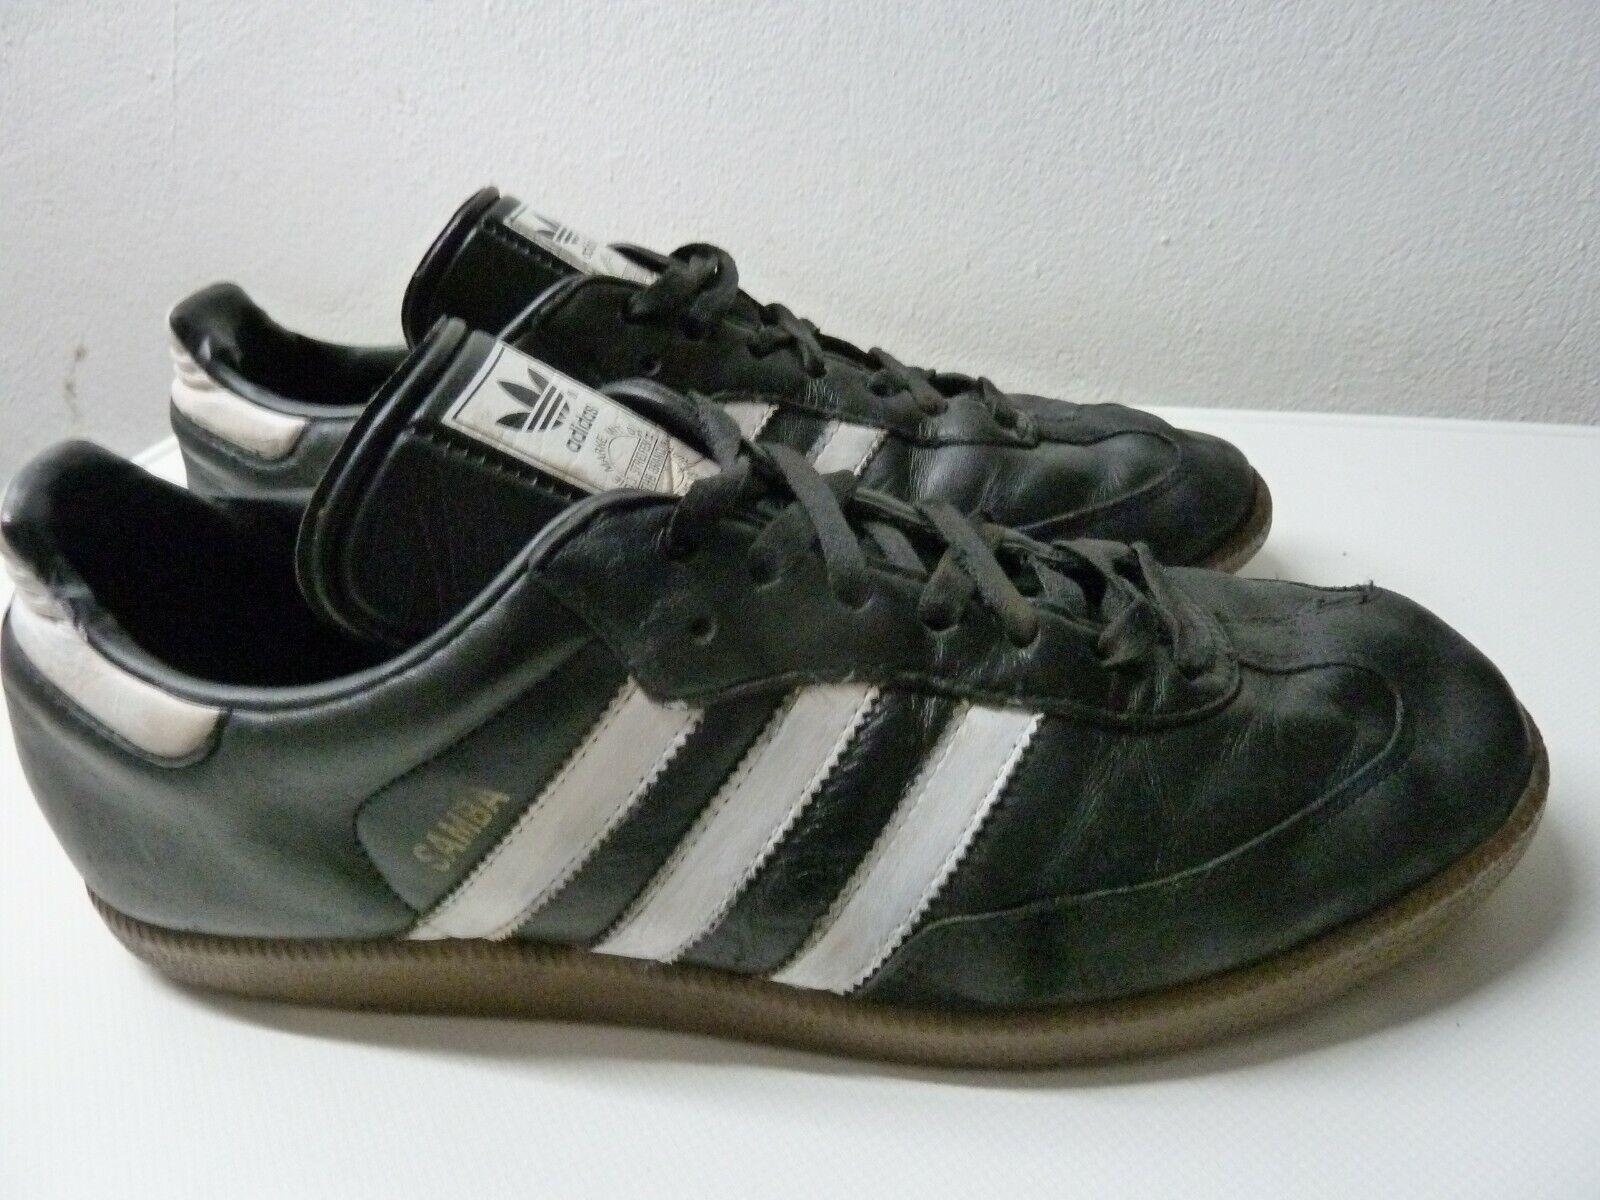 Adidas Originals Samba Gr 44,5   US 10,5   28,5 cm Artikel   019000 schwarz Weiß